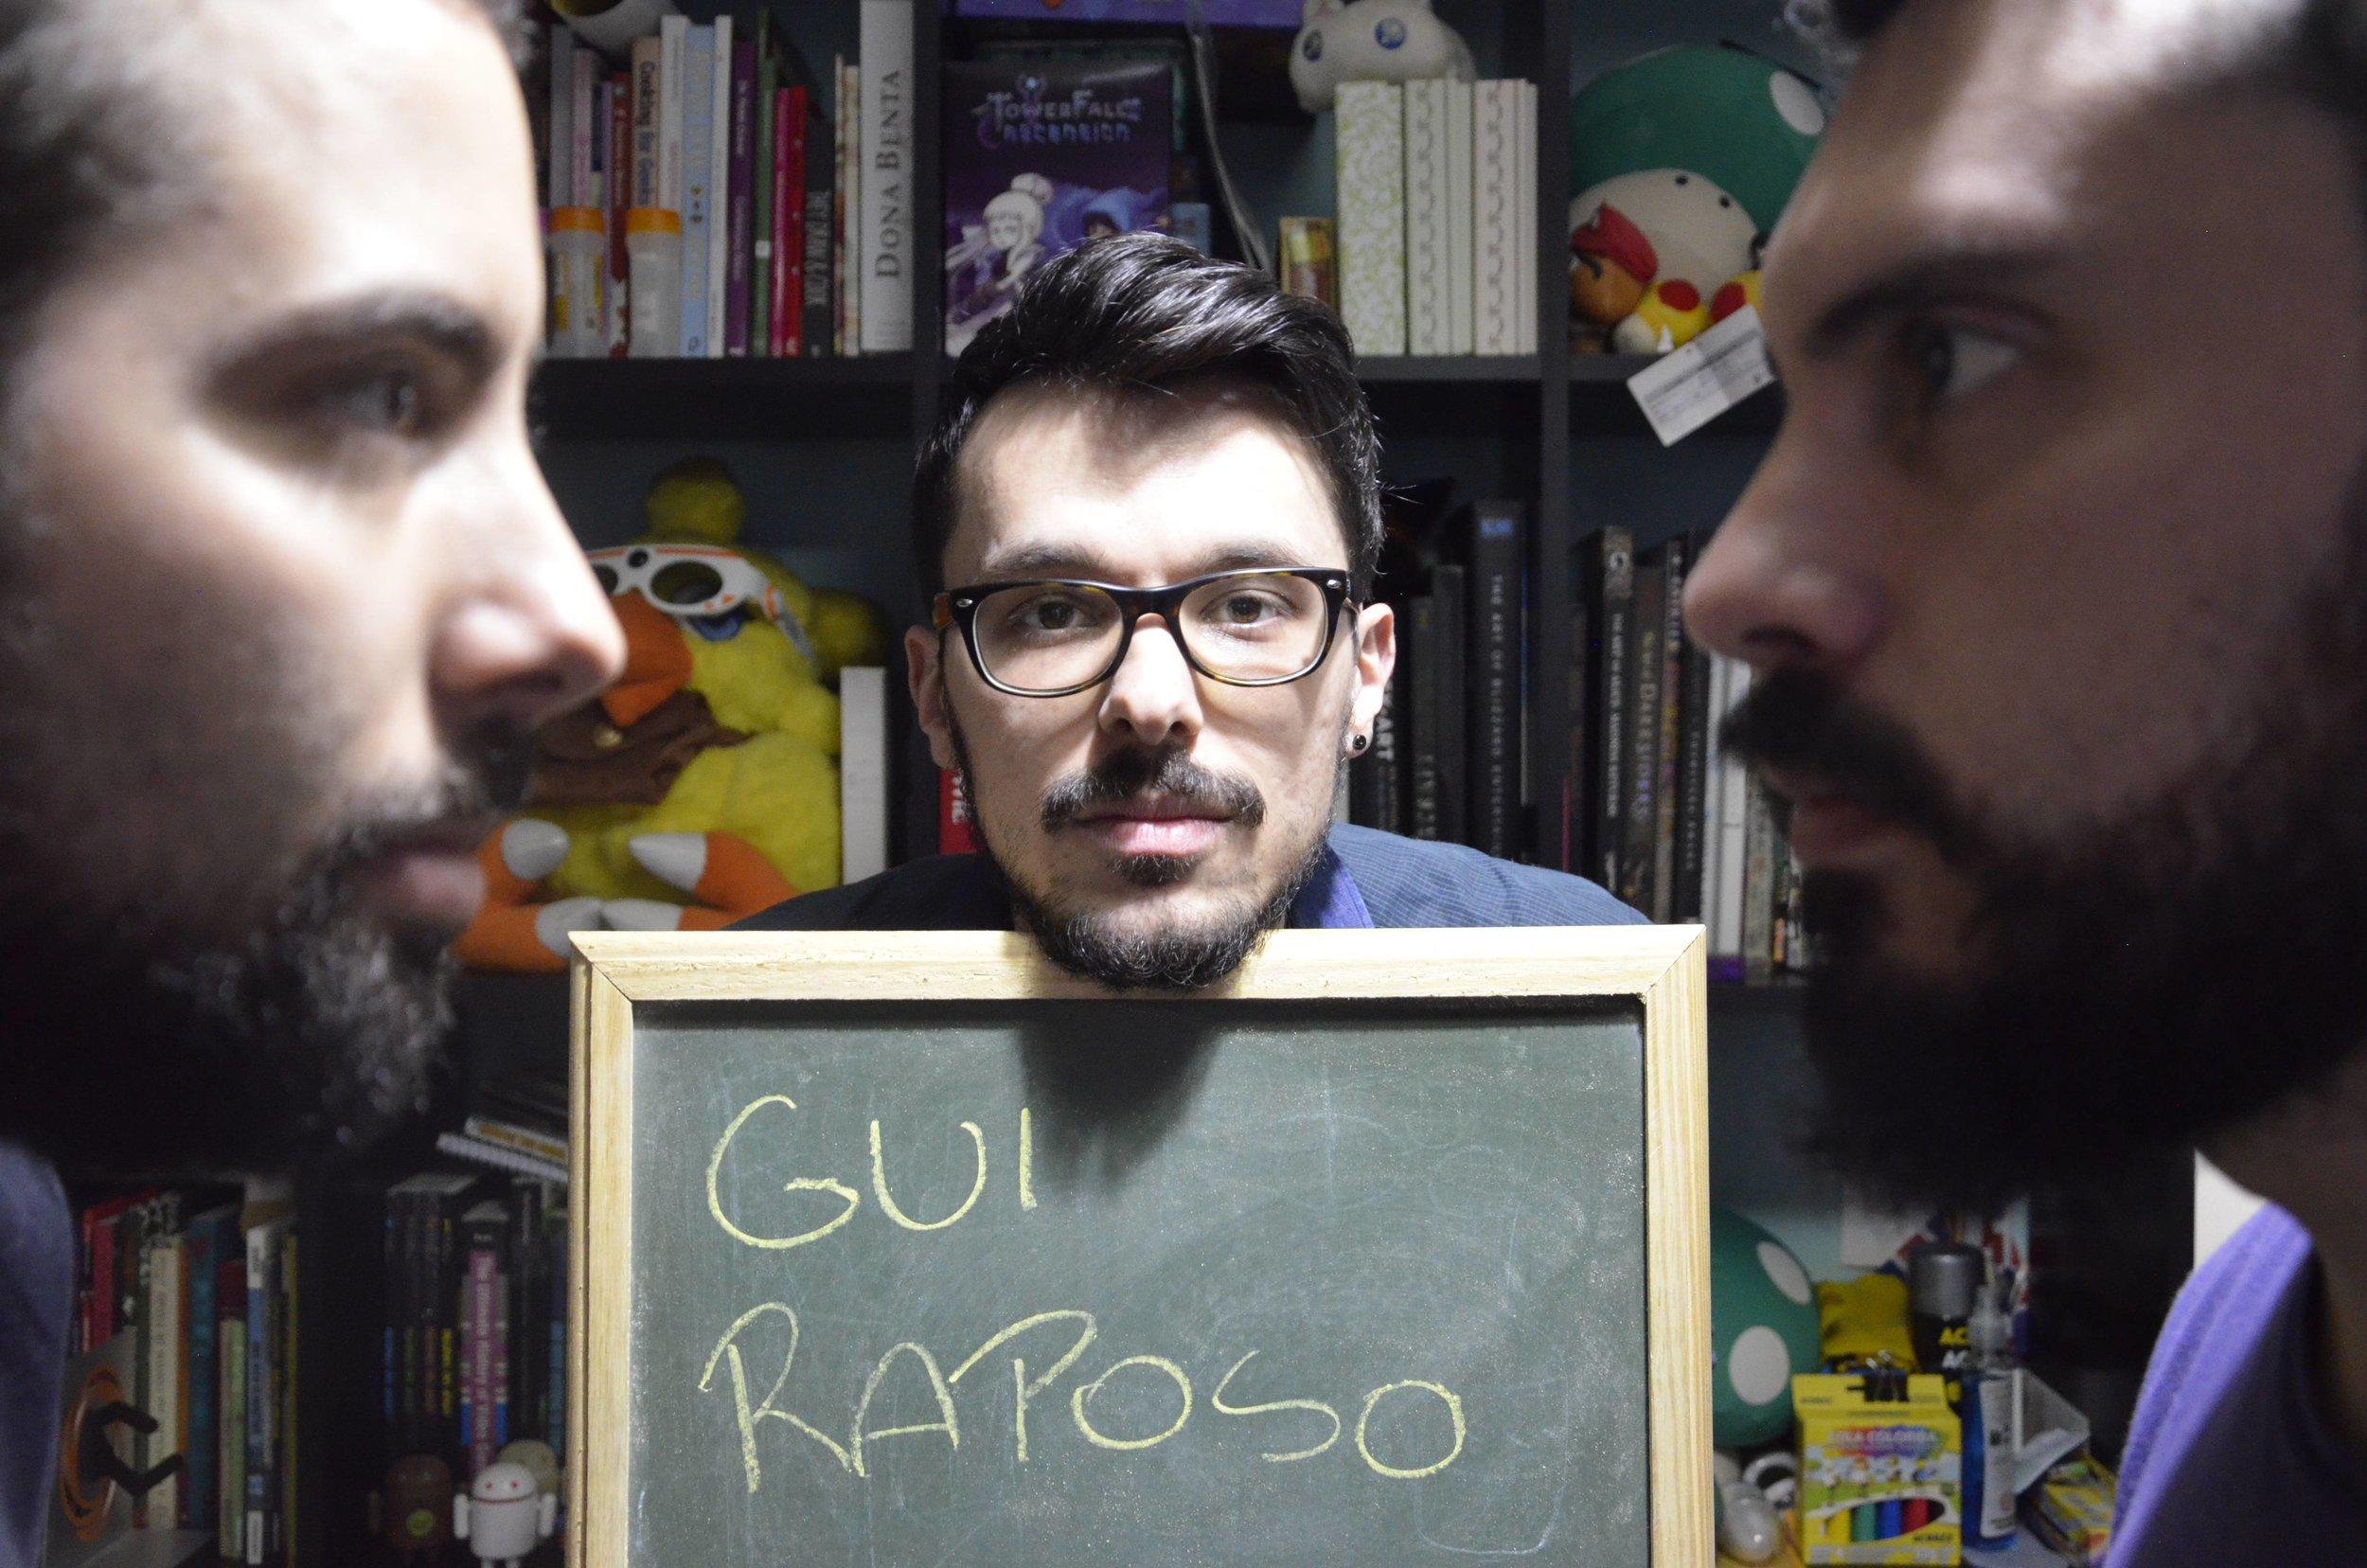 Gui-Raposo.jpg